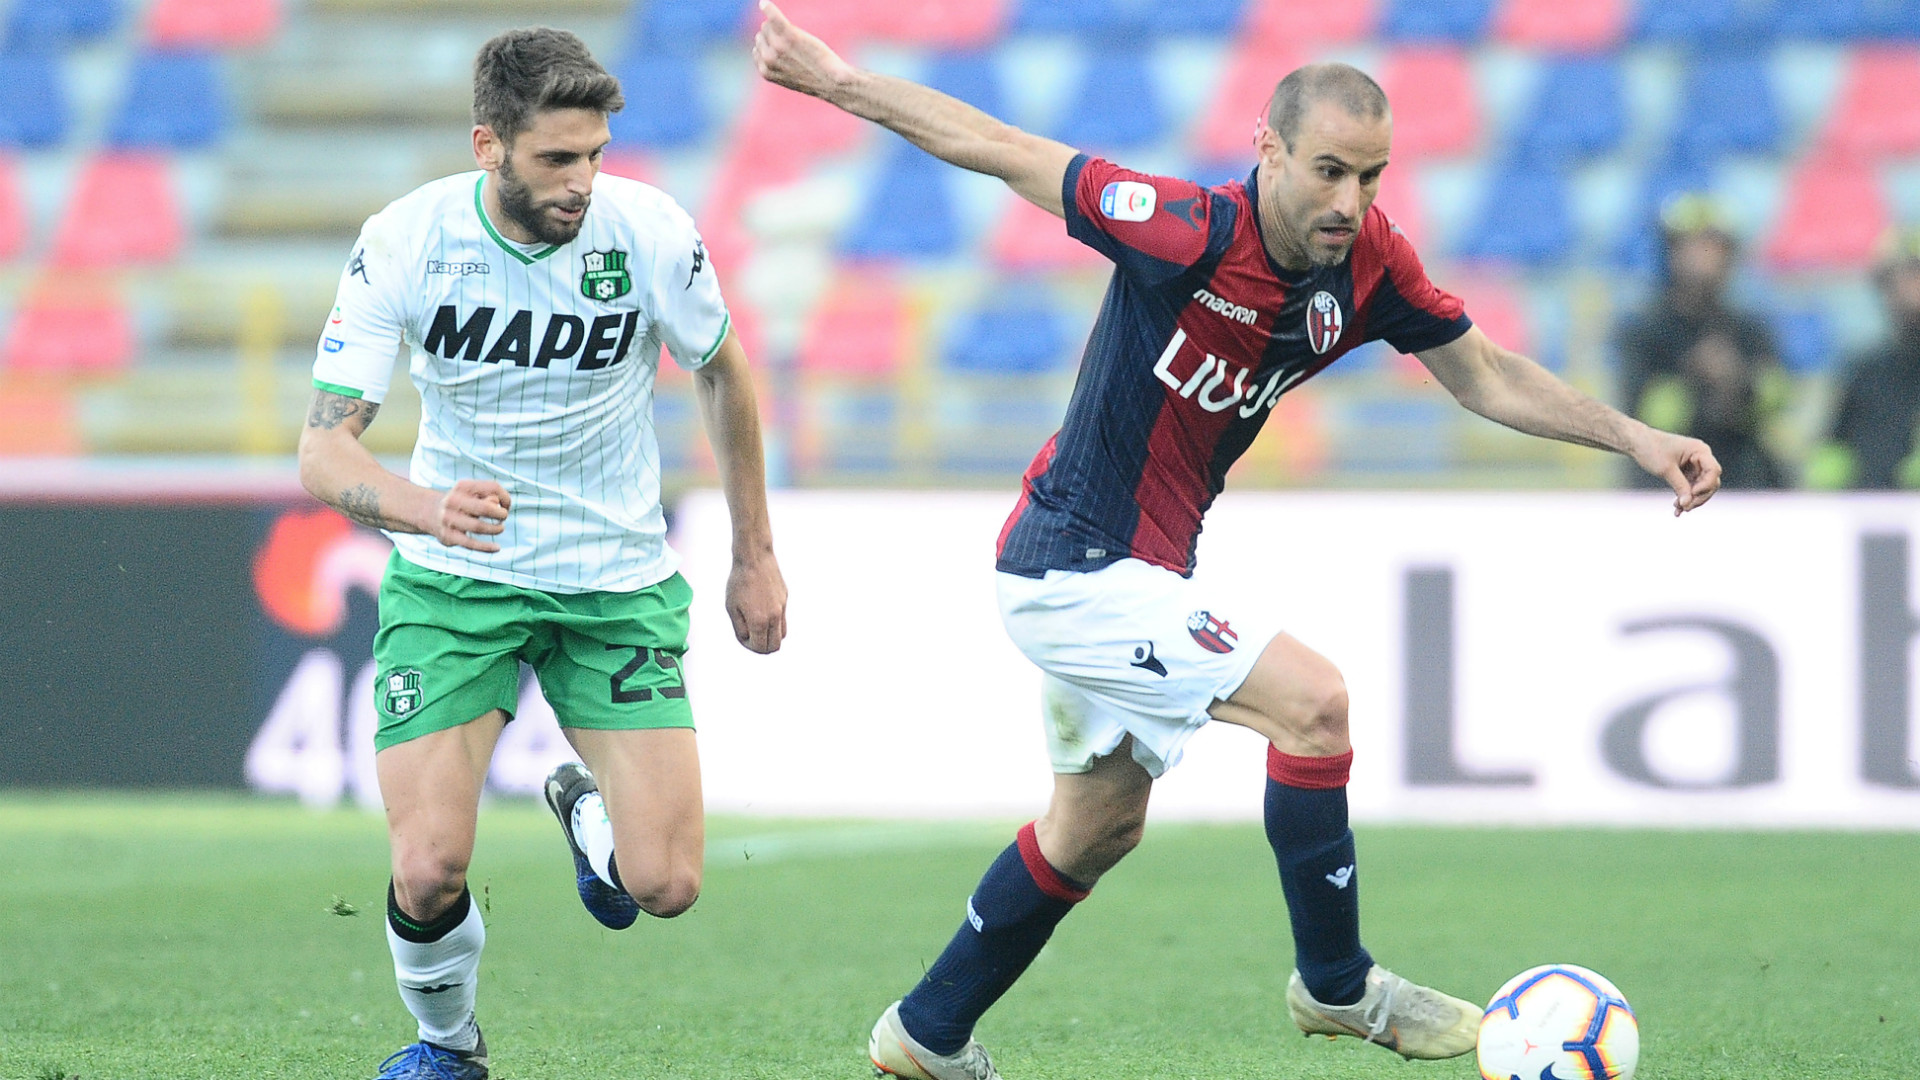 FANTALIVE - Atalanta-Bologna 3-0: pazzesco Ilicic, fa subito +6! Bonus anche per Hateboer